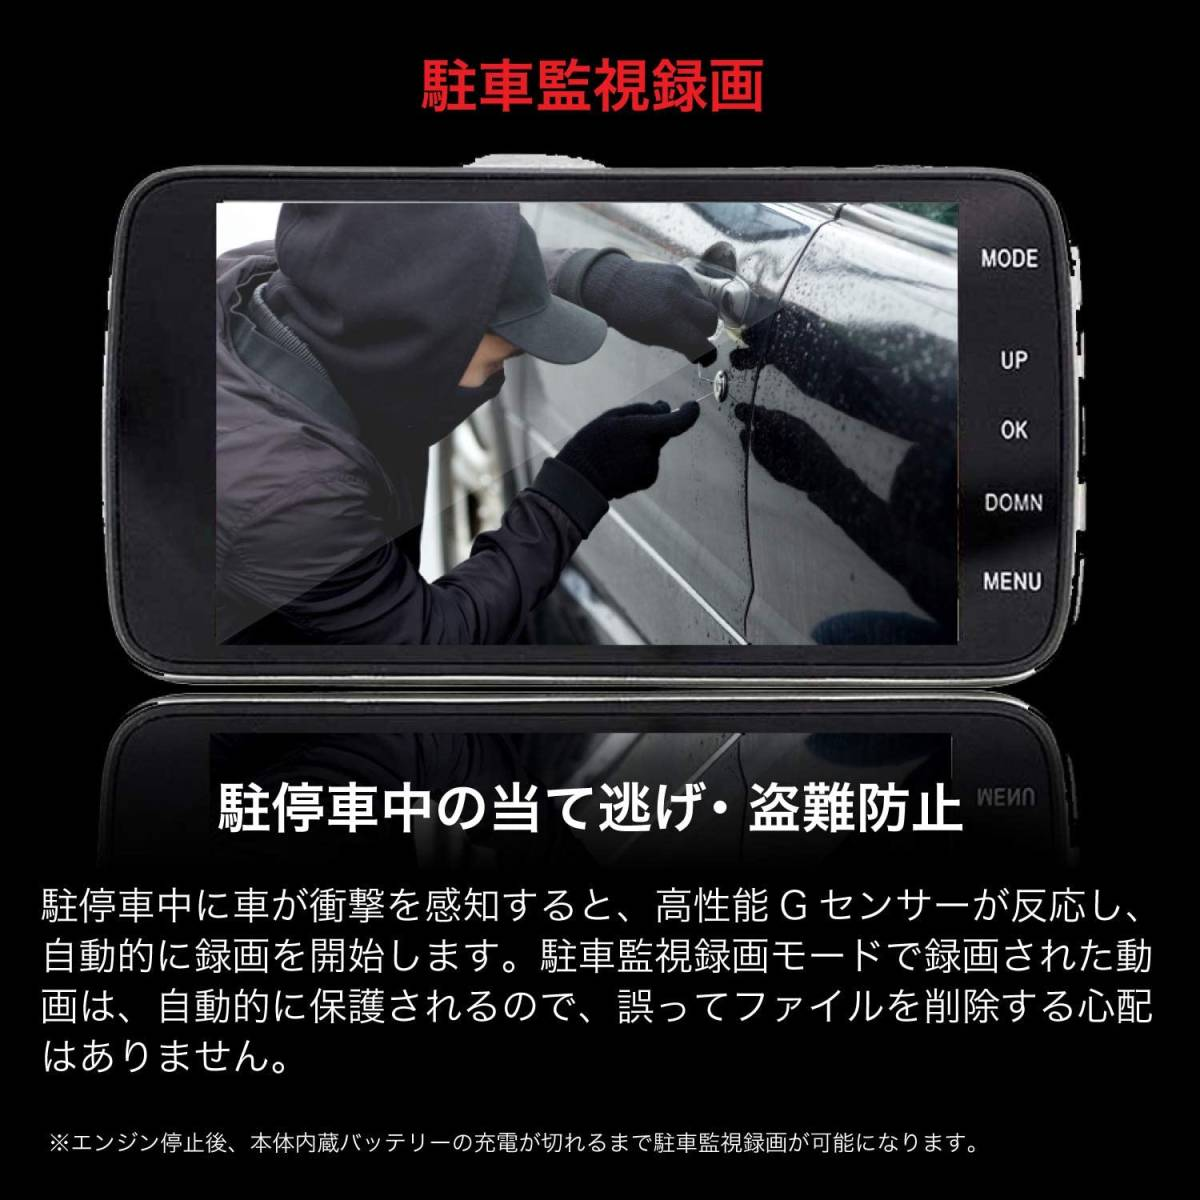 日本製 ドライブレコーダー 前後 カメラ 2カメラ 前後カメラ リアカメラ 駐車監視 衝撃録画 常時録画 モーション検知 ドラレコ_画像3